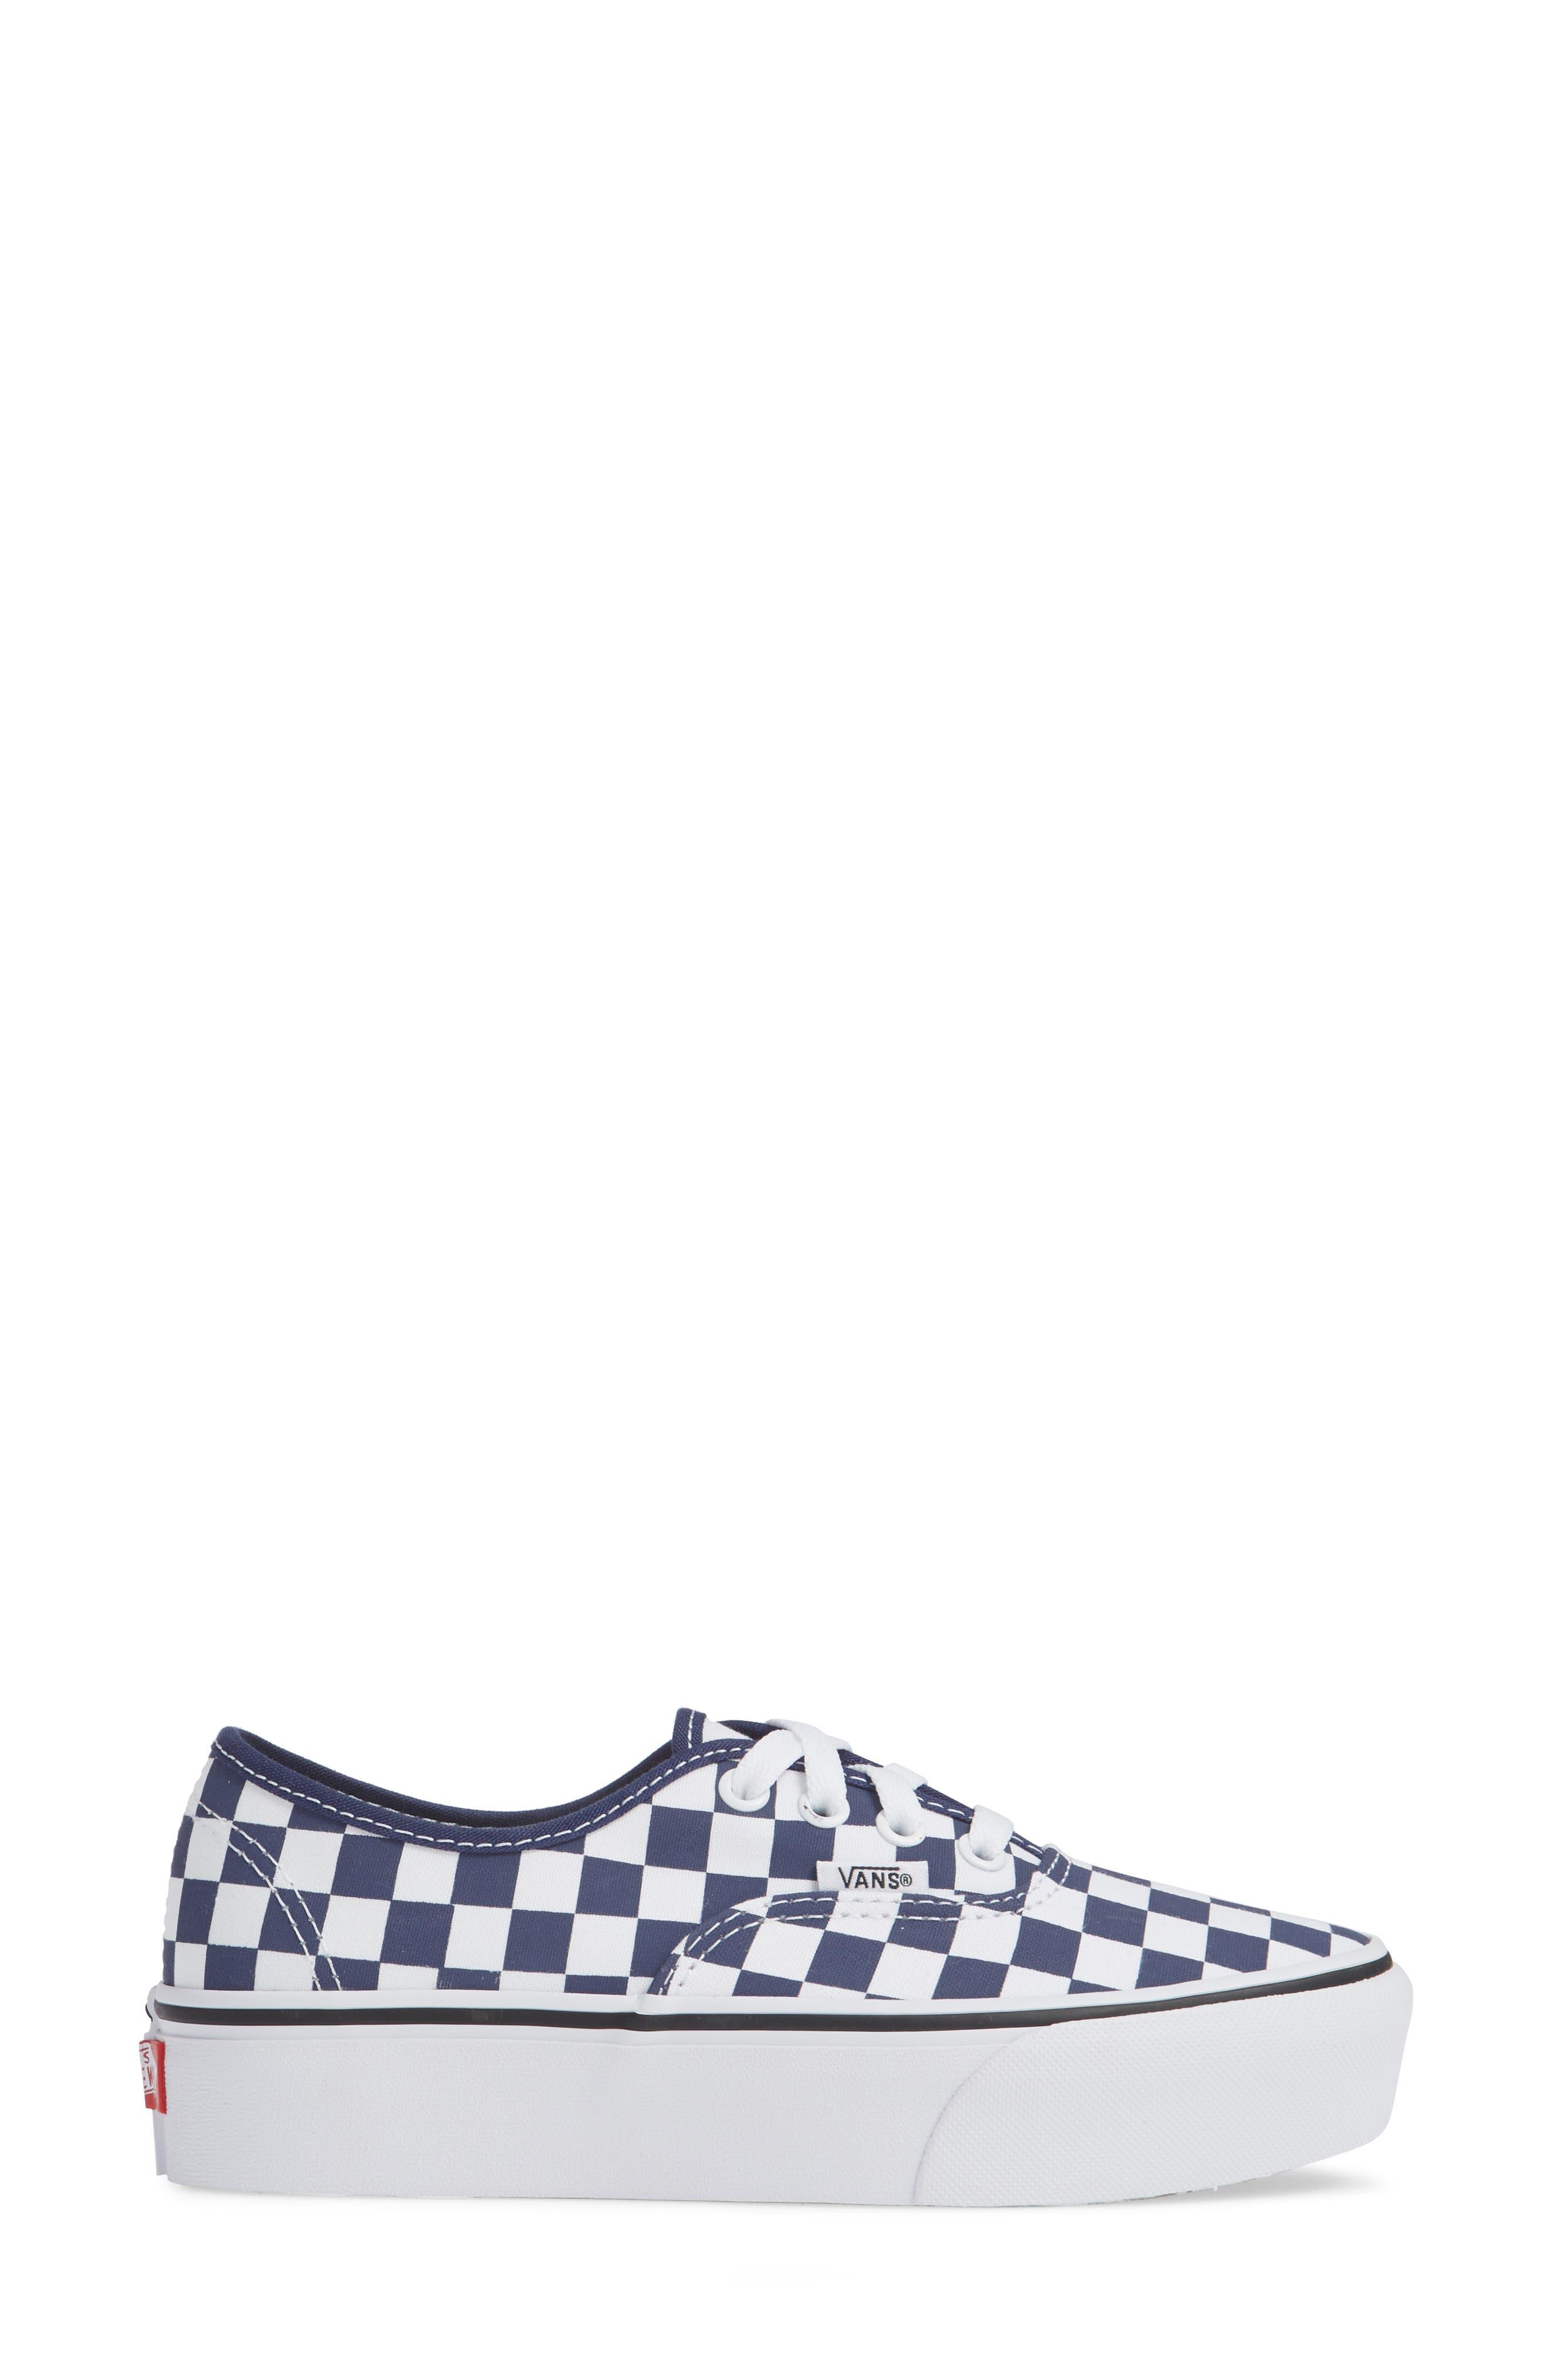 UA Authentic Platform 2.0 Sneaker,                             Alternate thumbnail 3, color,                             440